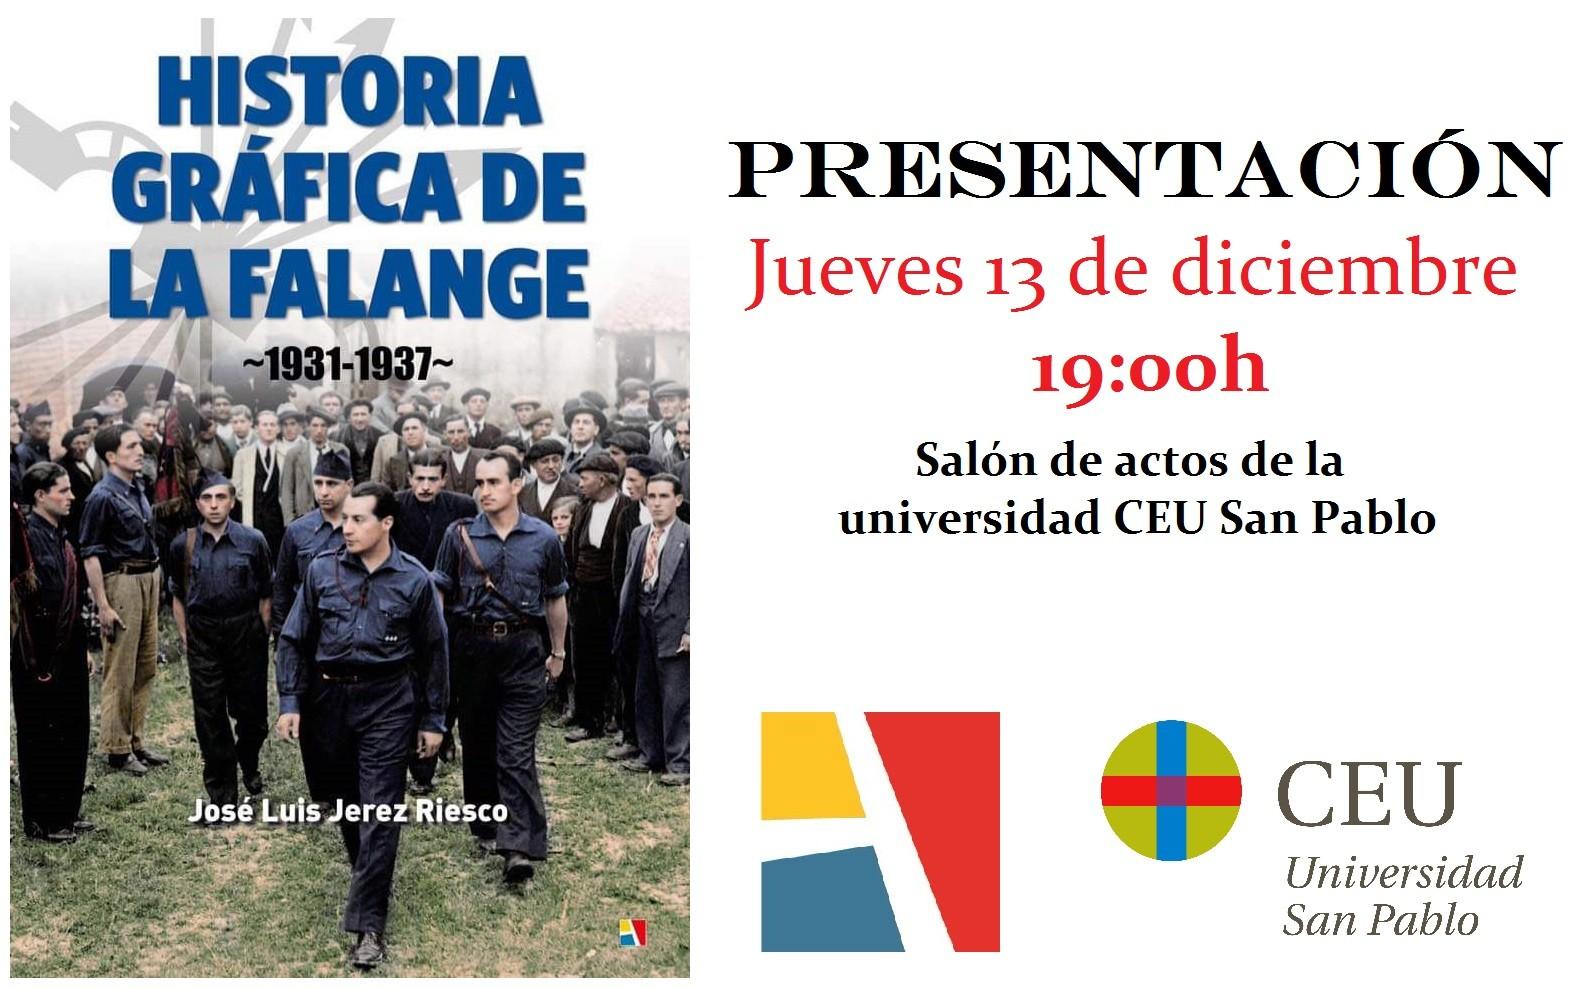 """Jueves 13-dic: Presentación de """"Historia Gráfica de la Falange 1931-1937"""" en la Universidad CEU San Pablo"""